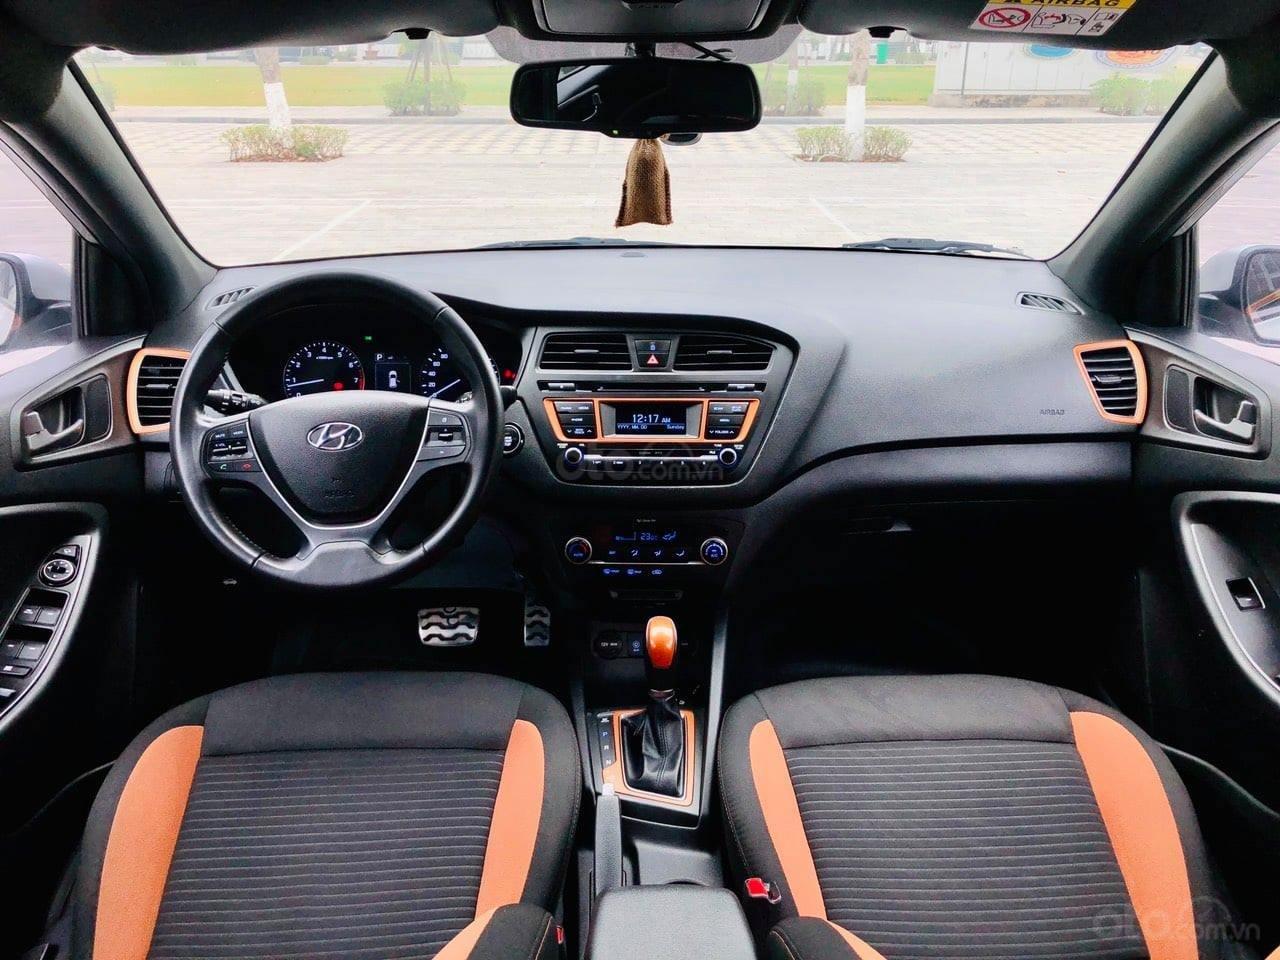 Bán xe Hyundai i20 Active năm sản xuất 2015, màu bạc, xe nhập khẩu, chạy cực ổn định (6)